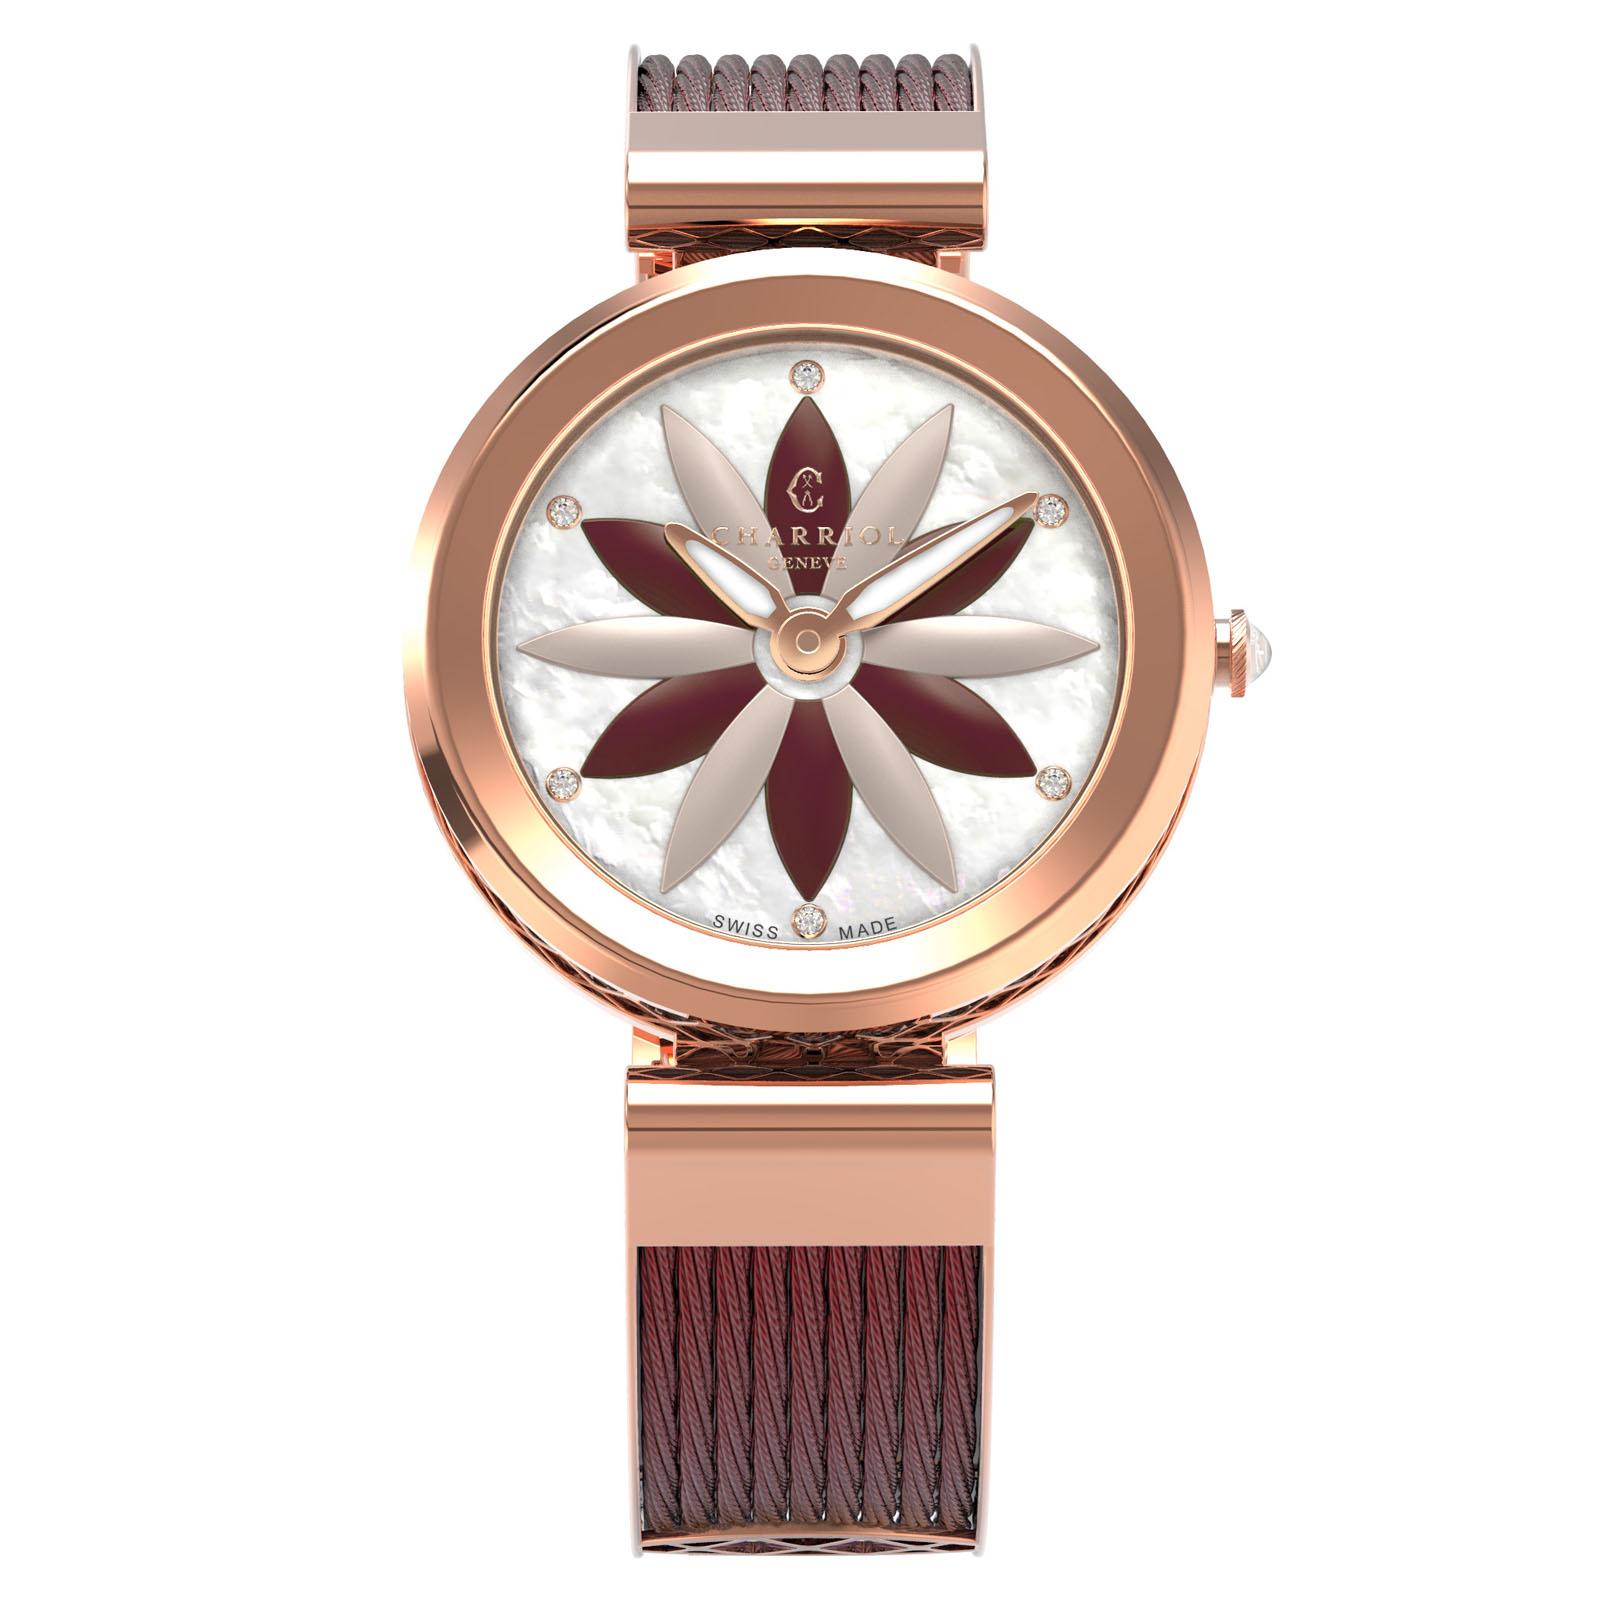 CHARRIOL夏利豪(FE32.R02.0R2)Forever系列半鋼索花朵時尚腕錶/珍珠母貝面32mm